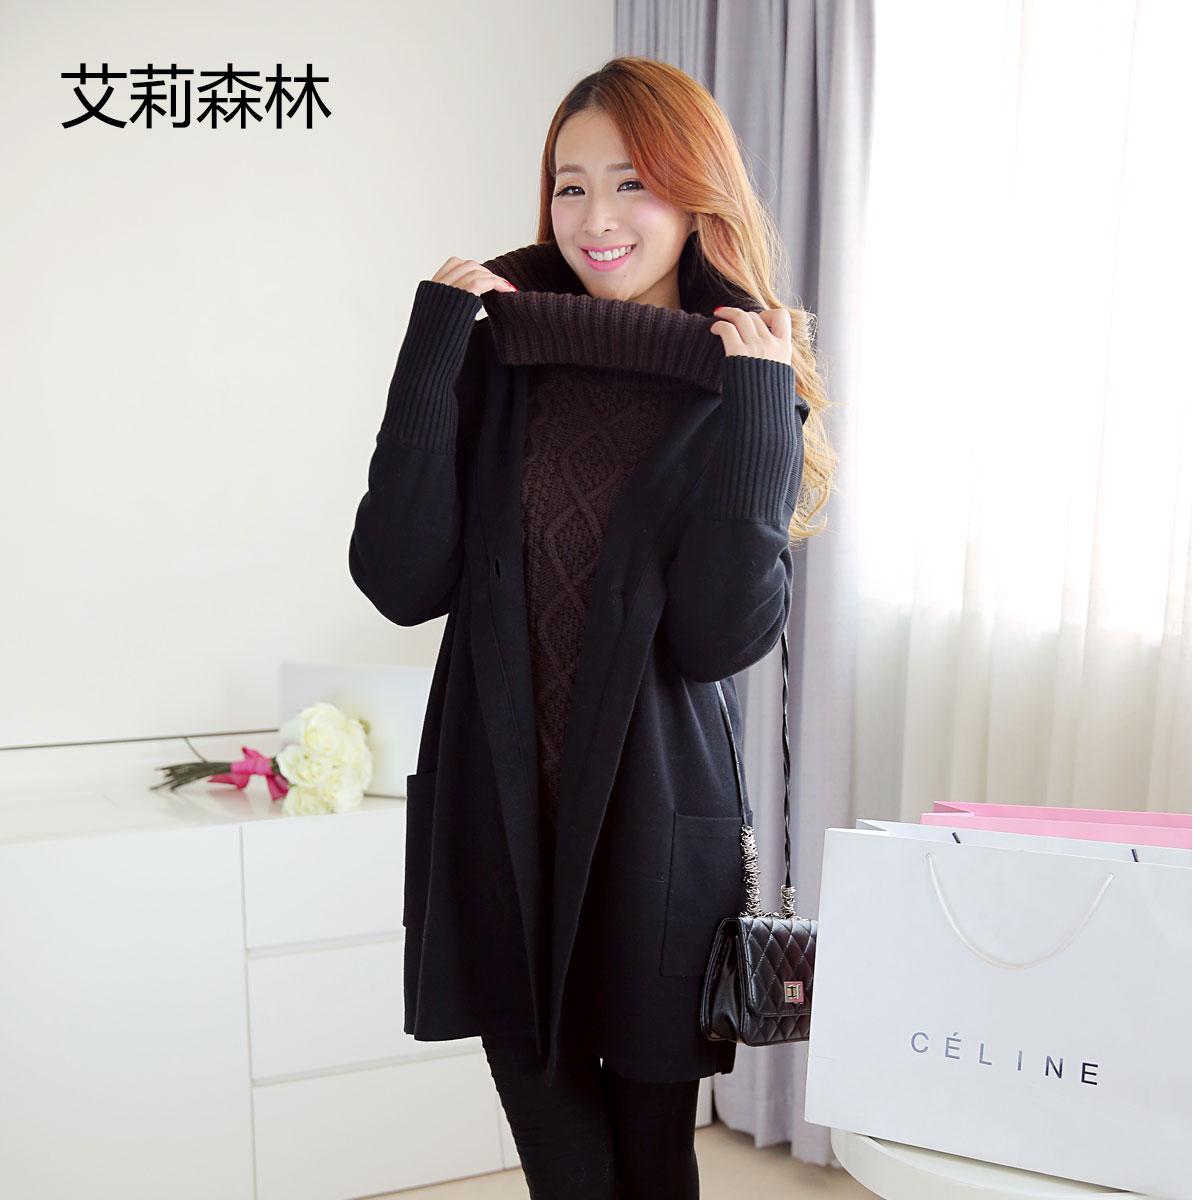 艾莉森林2013秋冬装新款女纯色中长款针织开衫 韩版连帽毛衣外套